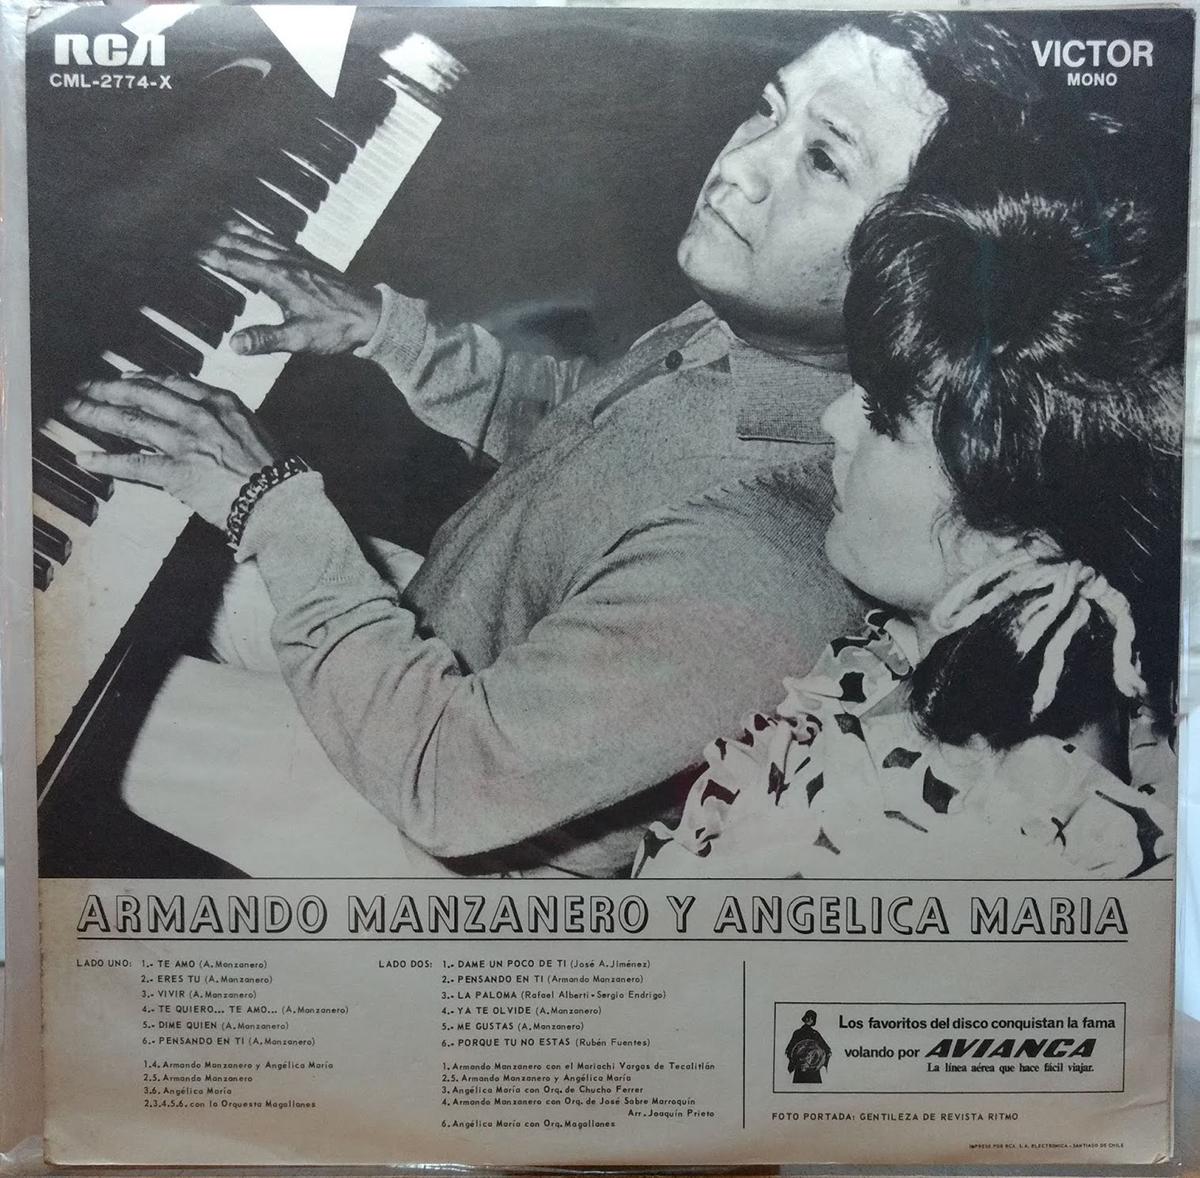 Angélica María with Armando Manzanero